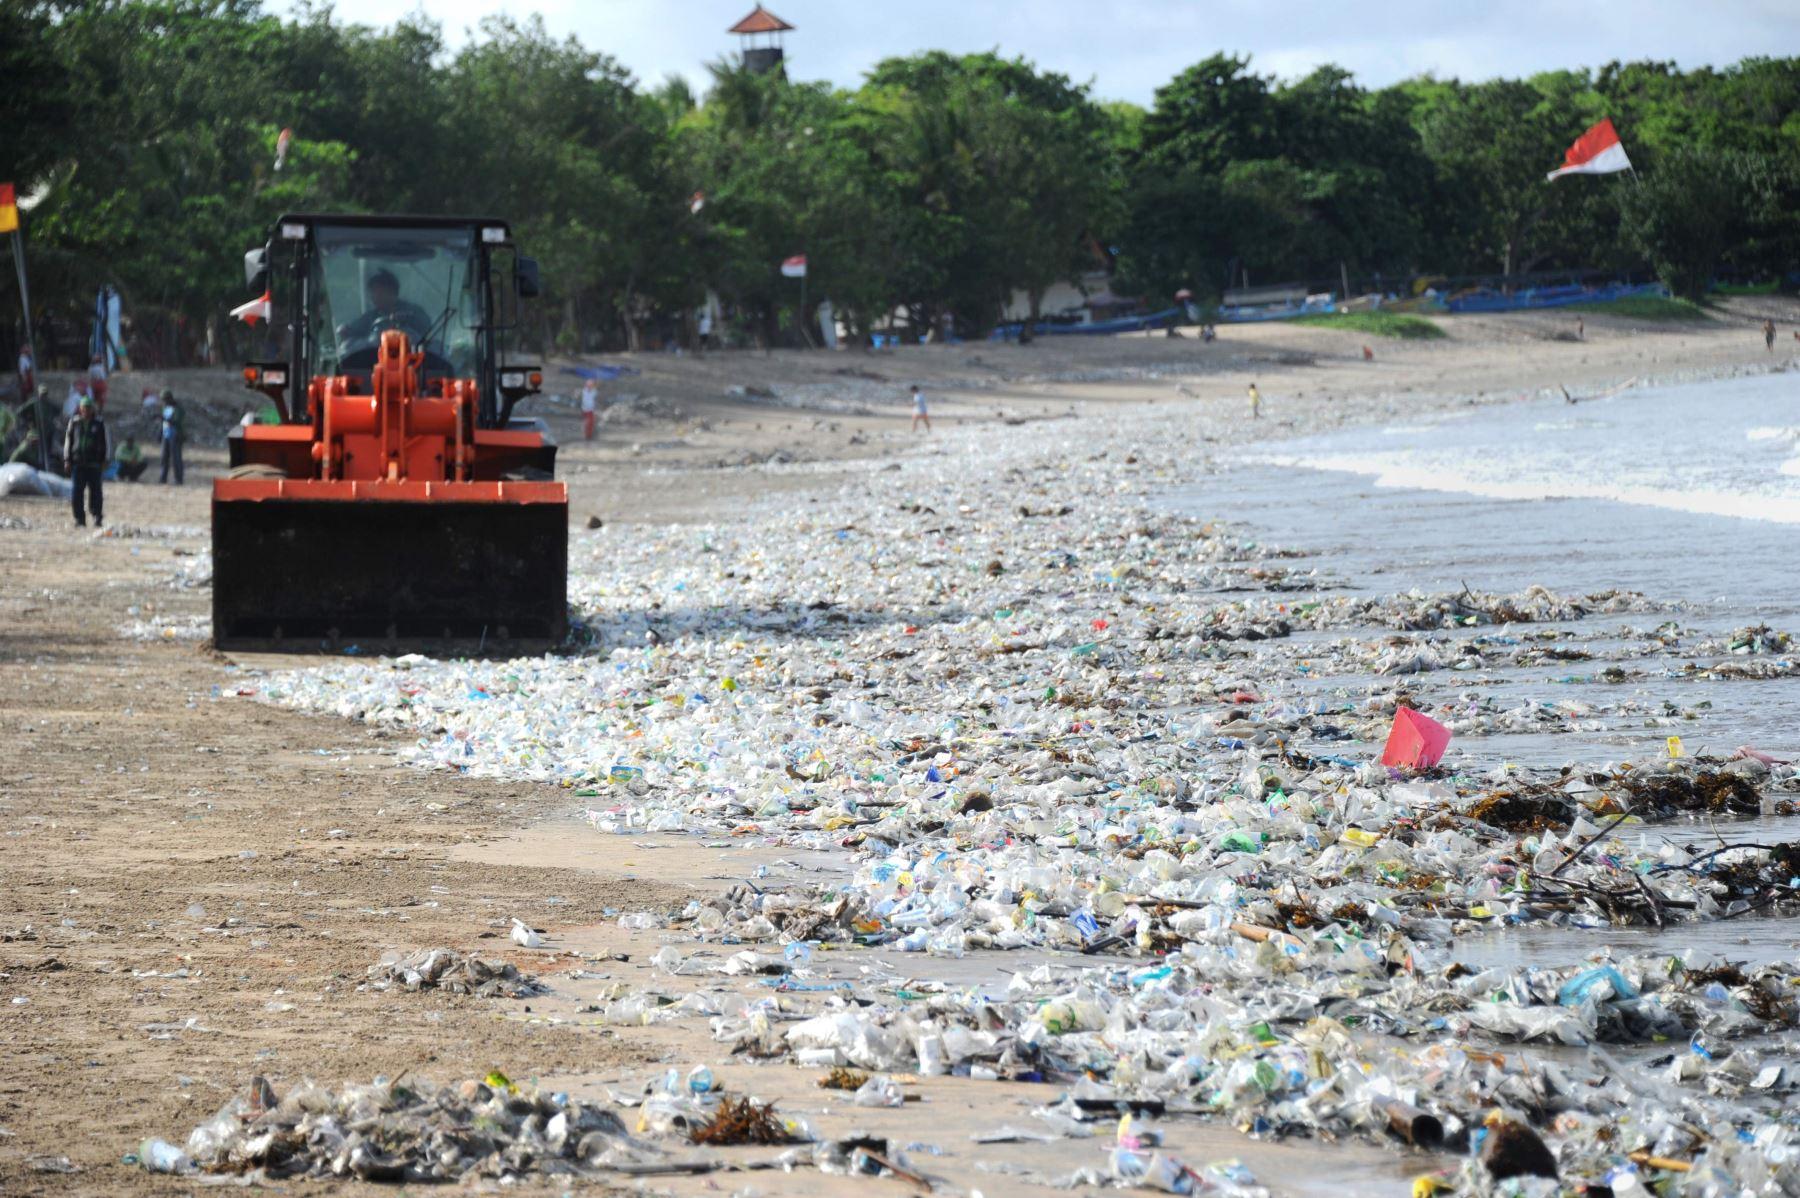 Basura en playas de Bali. Foto: AFP.